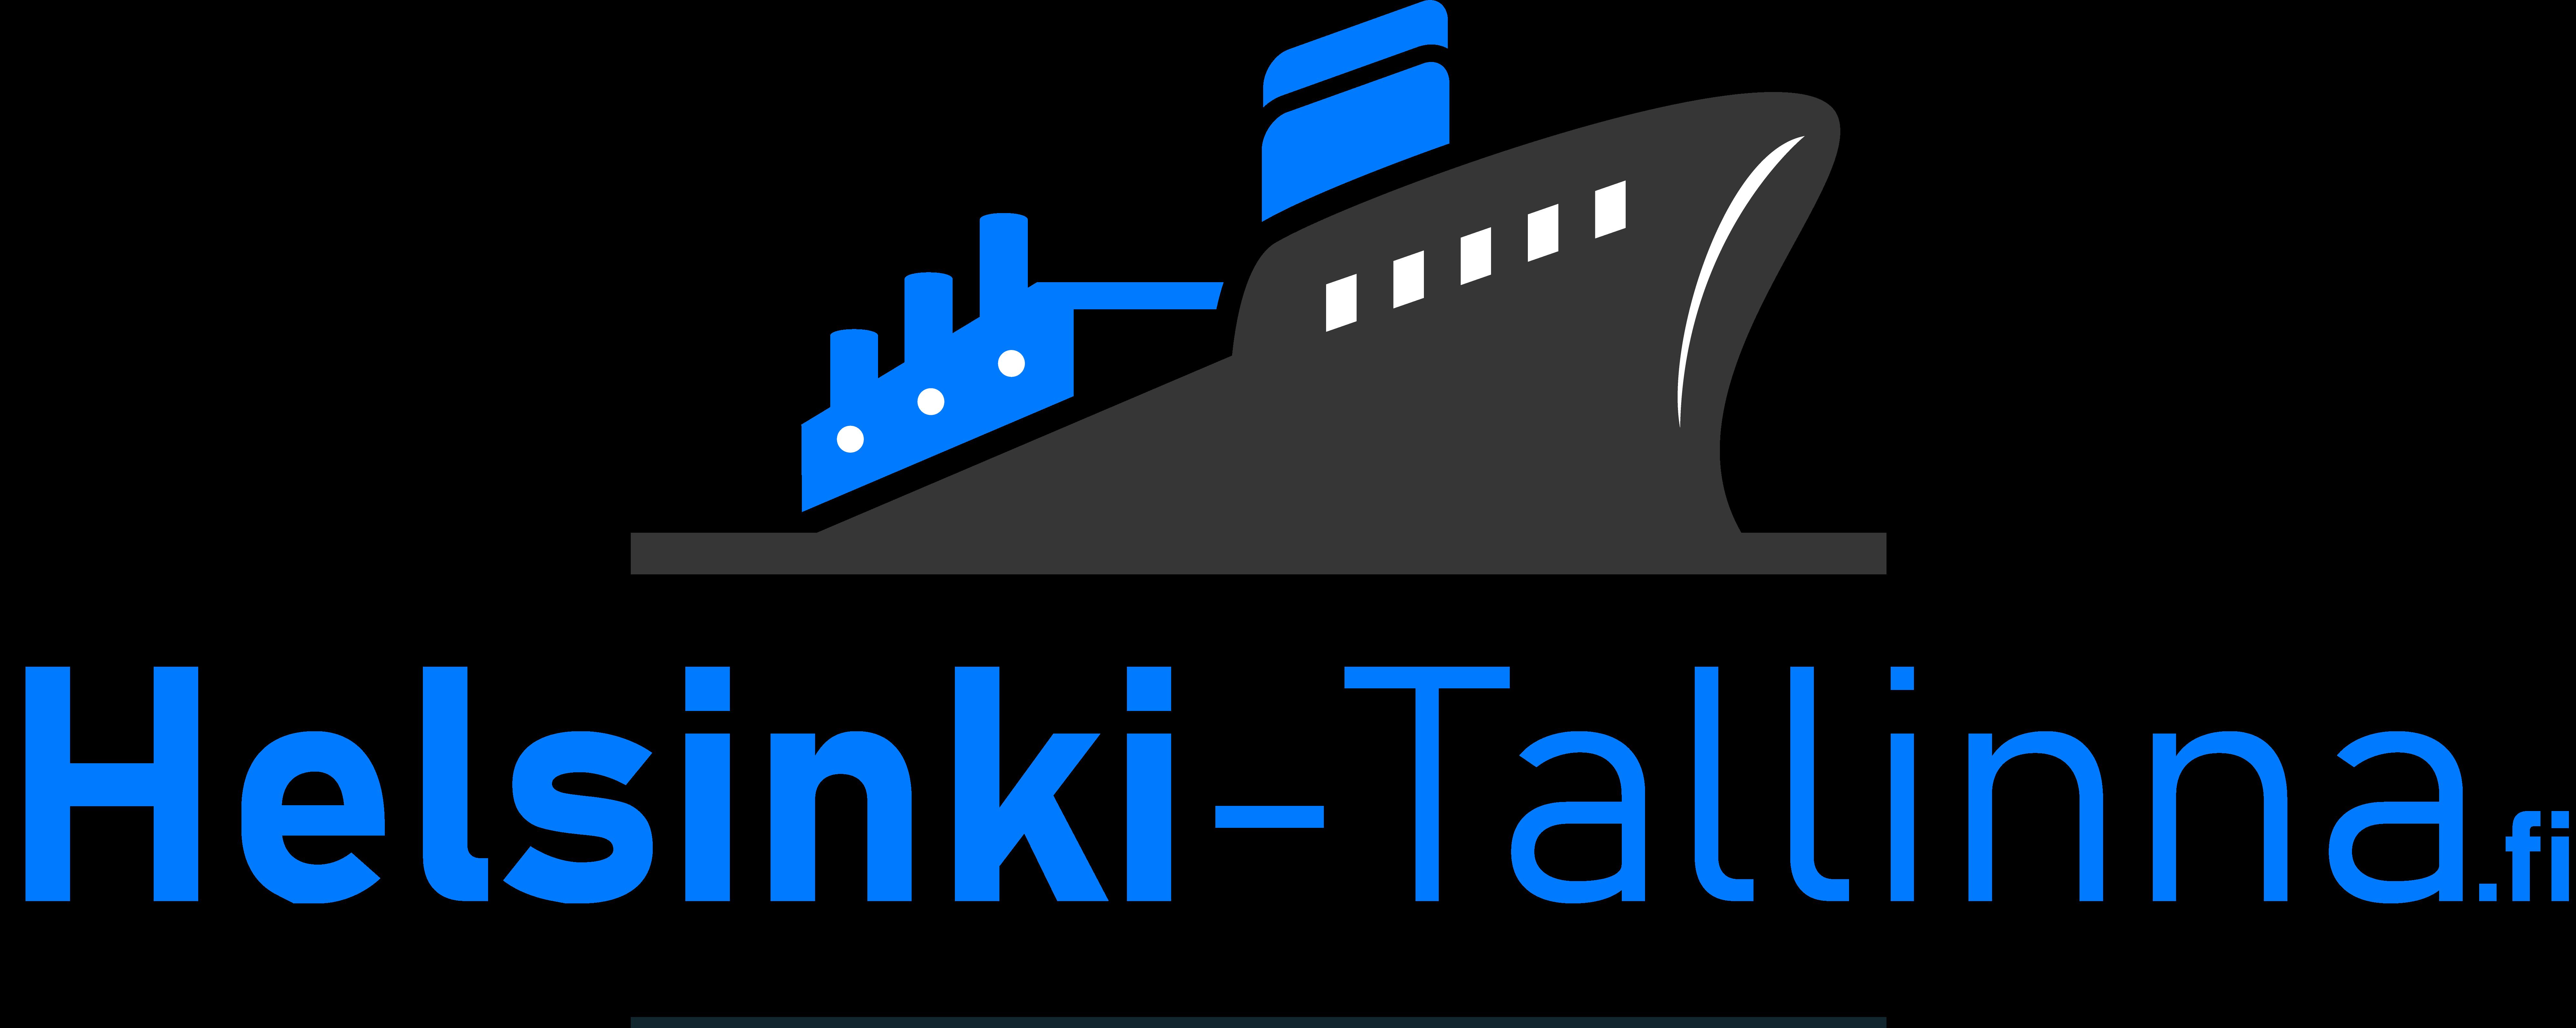 Helsinki-Tallinna.fi